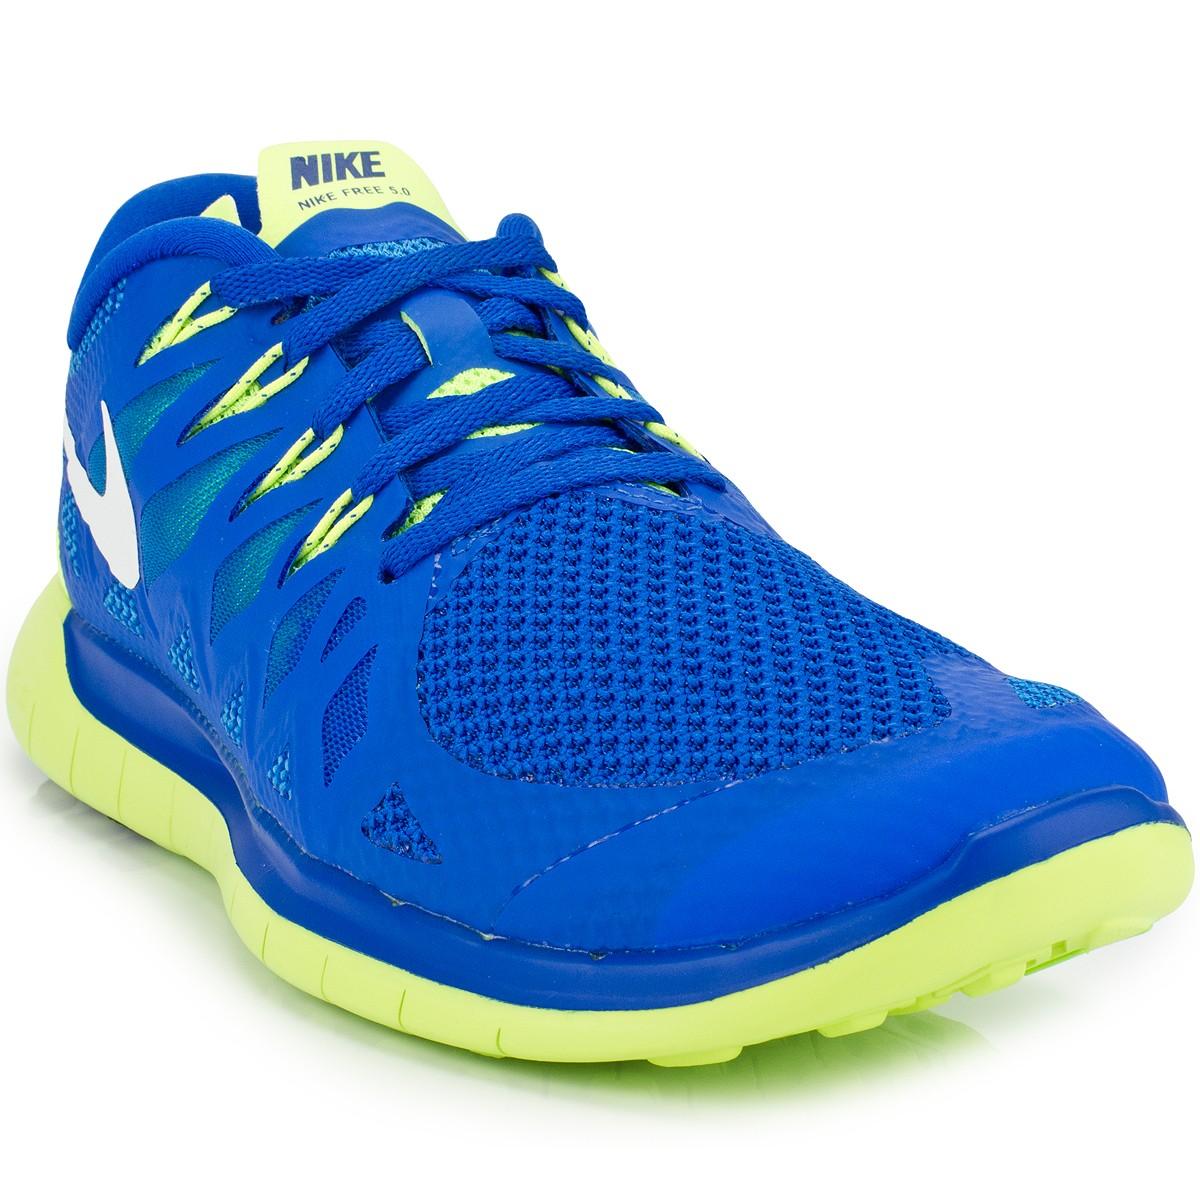 362ea8df0f6 Tênis Nike Free 5.0 642198 ...